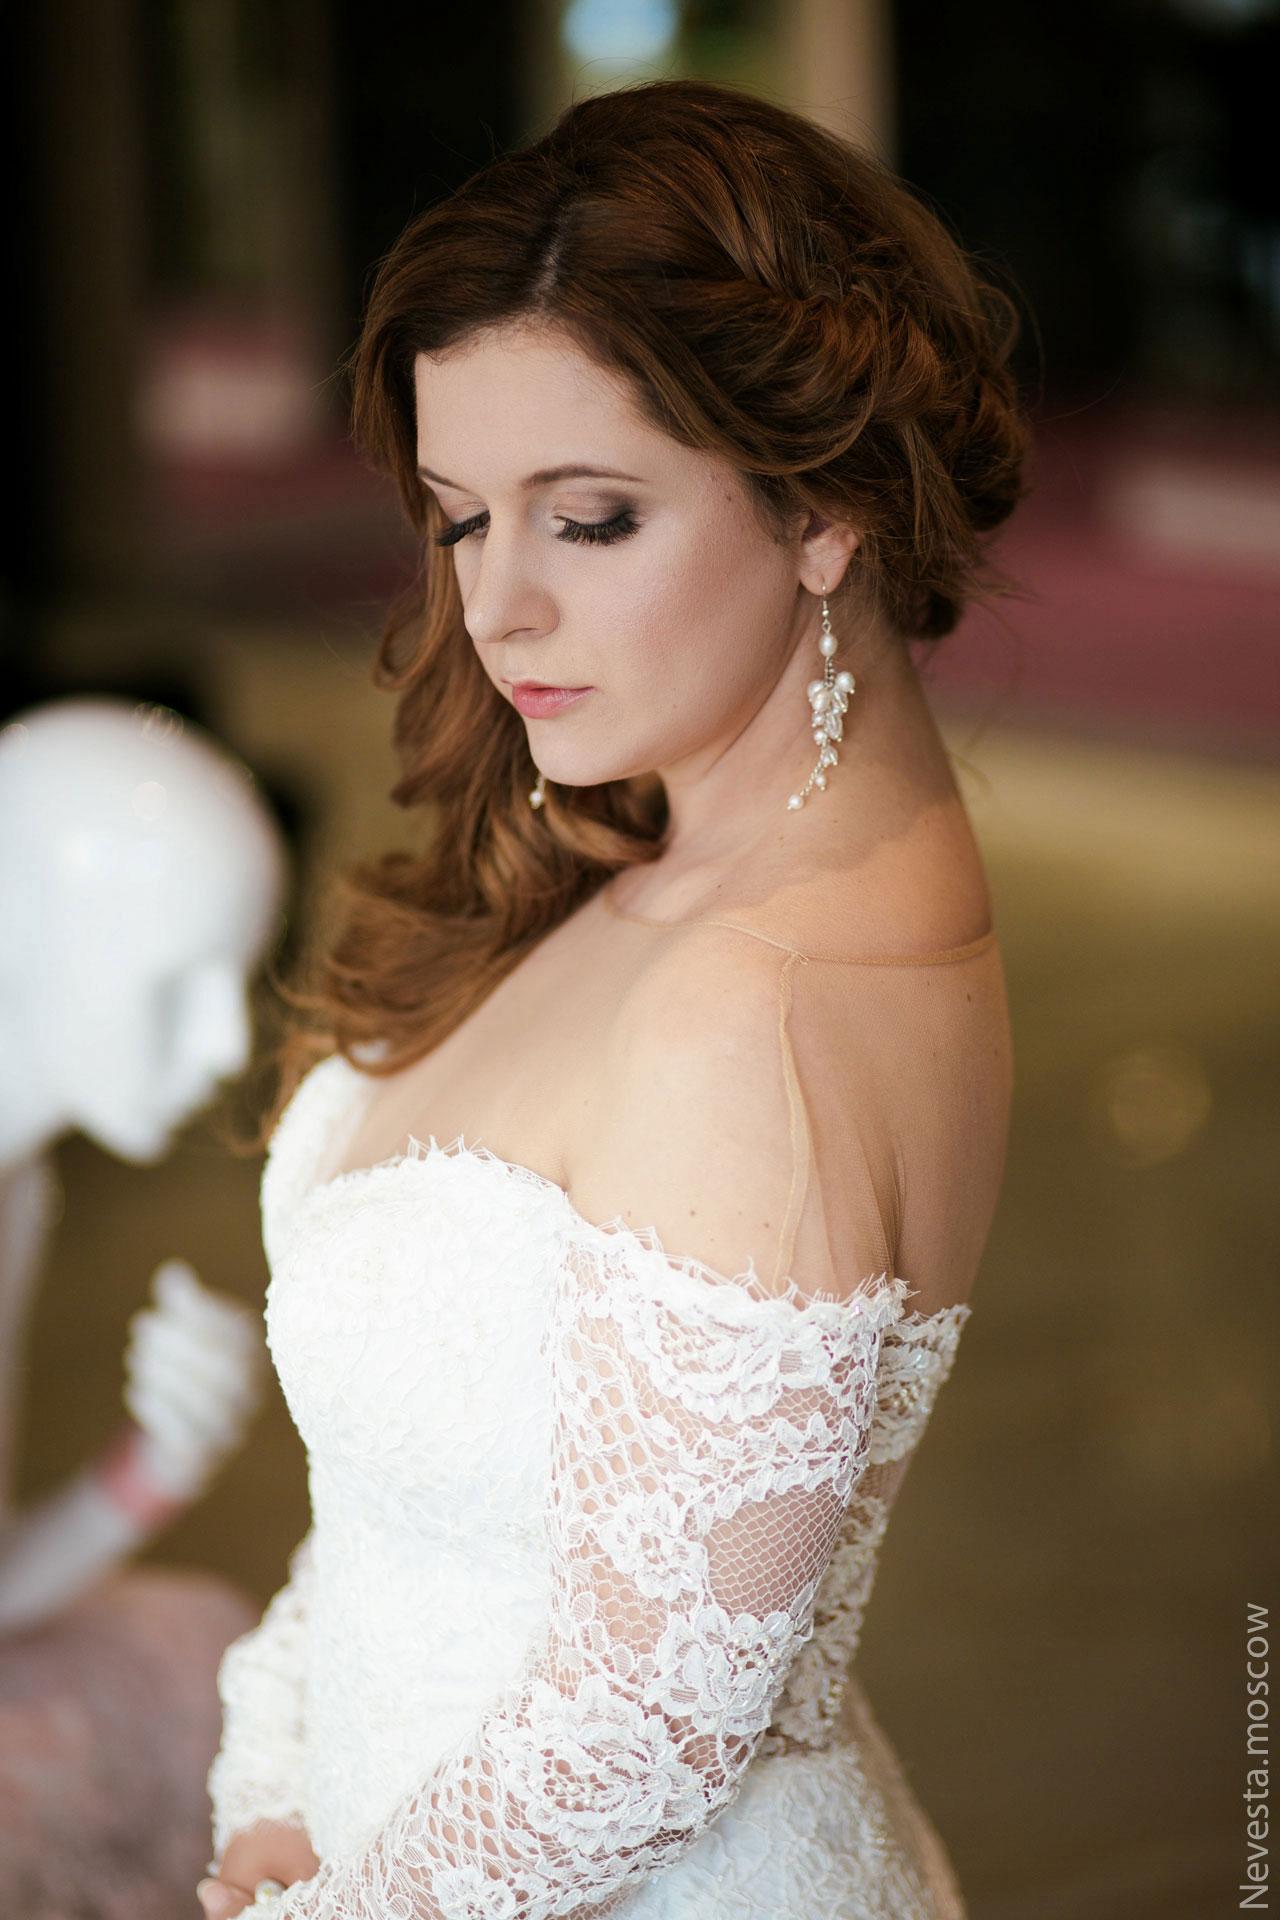 Анастасия Денисова выбирает образ для своей свадьбы фото 9